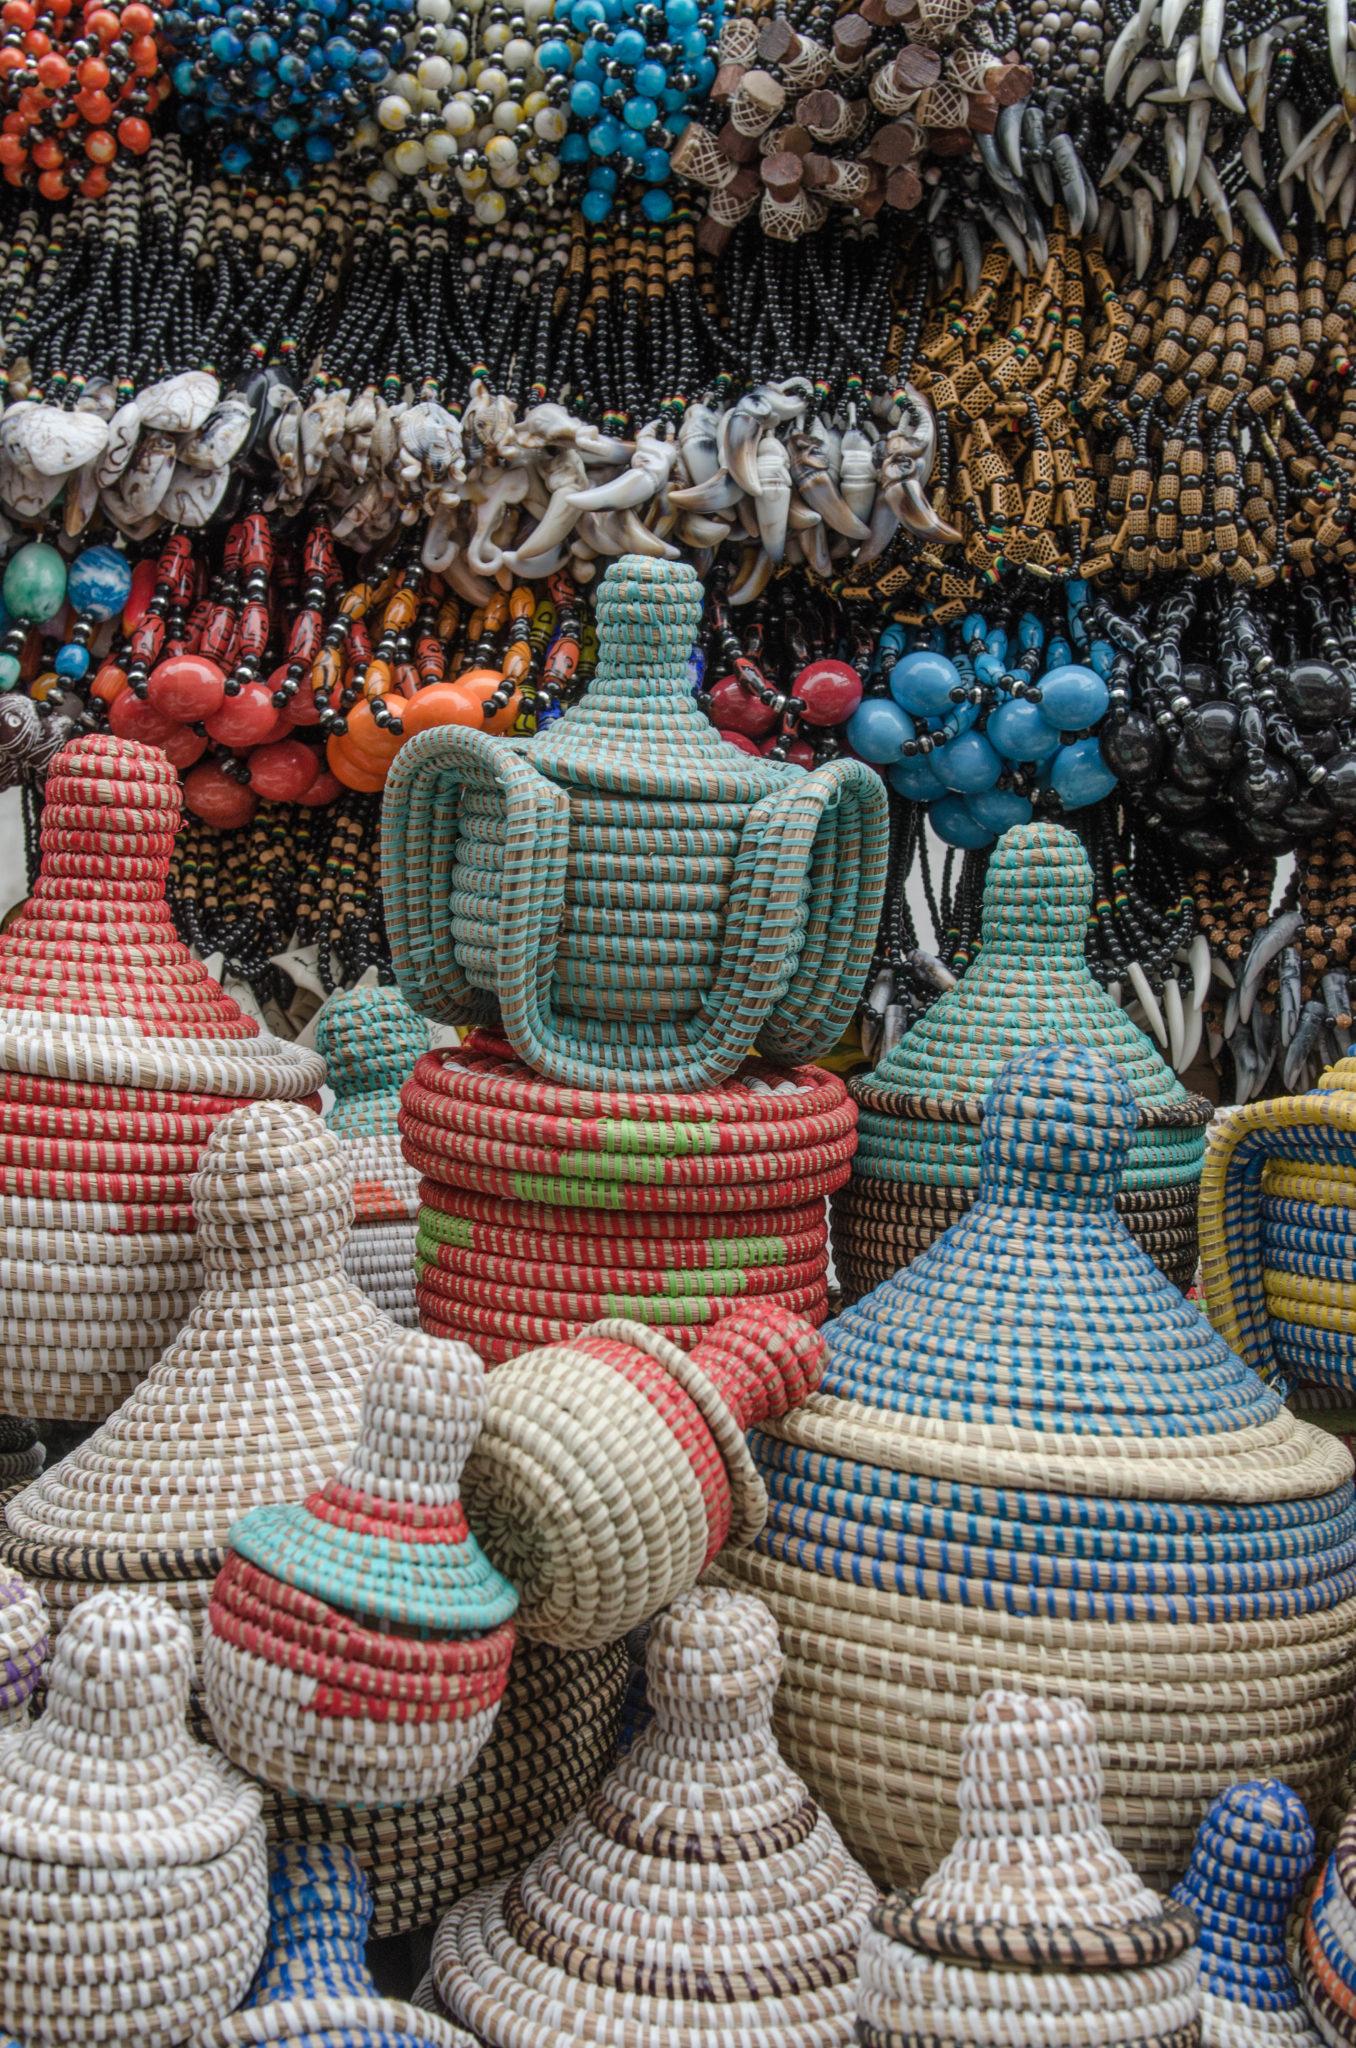 Geflochtene Körbe auf dem Markt in Mbour